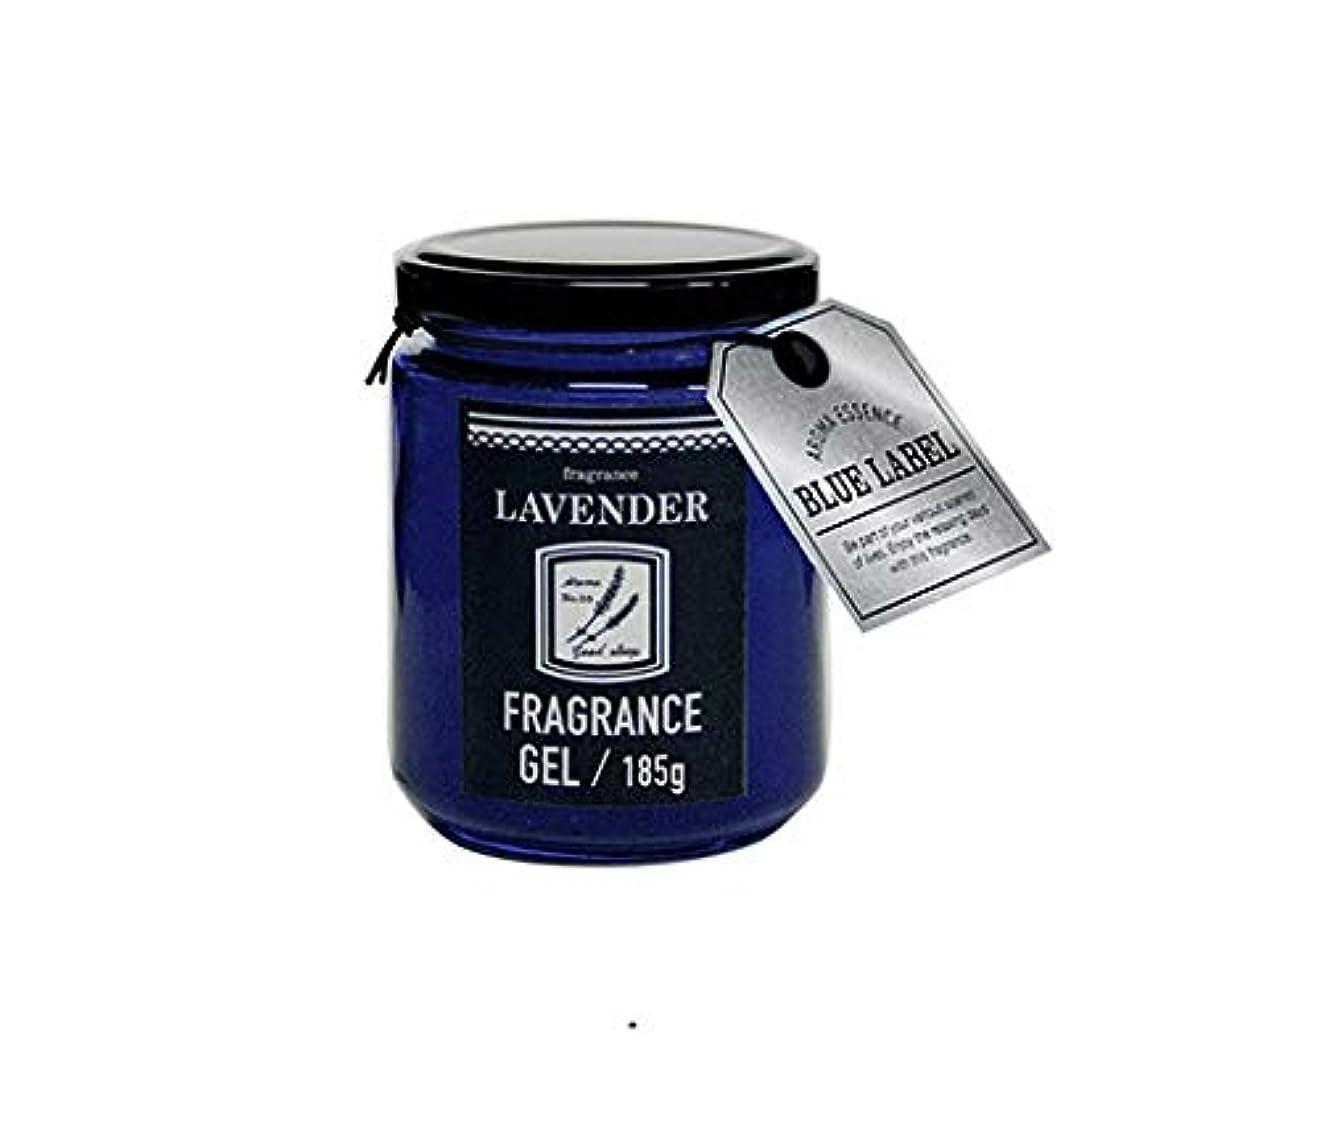 戦うそうでなければ余裕があるブルーラベル ブルー フレグランスジェル185g ラベンダー(消臭除菌 日本製 心落ち着ける香り)